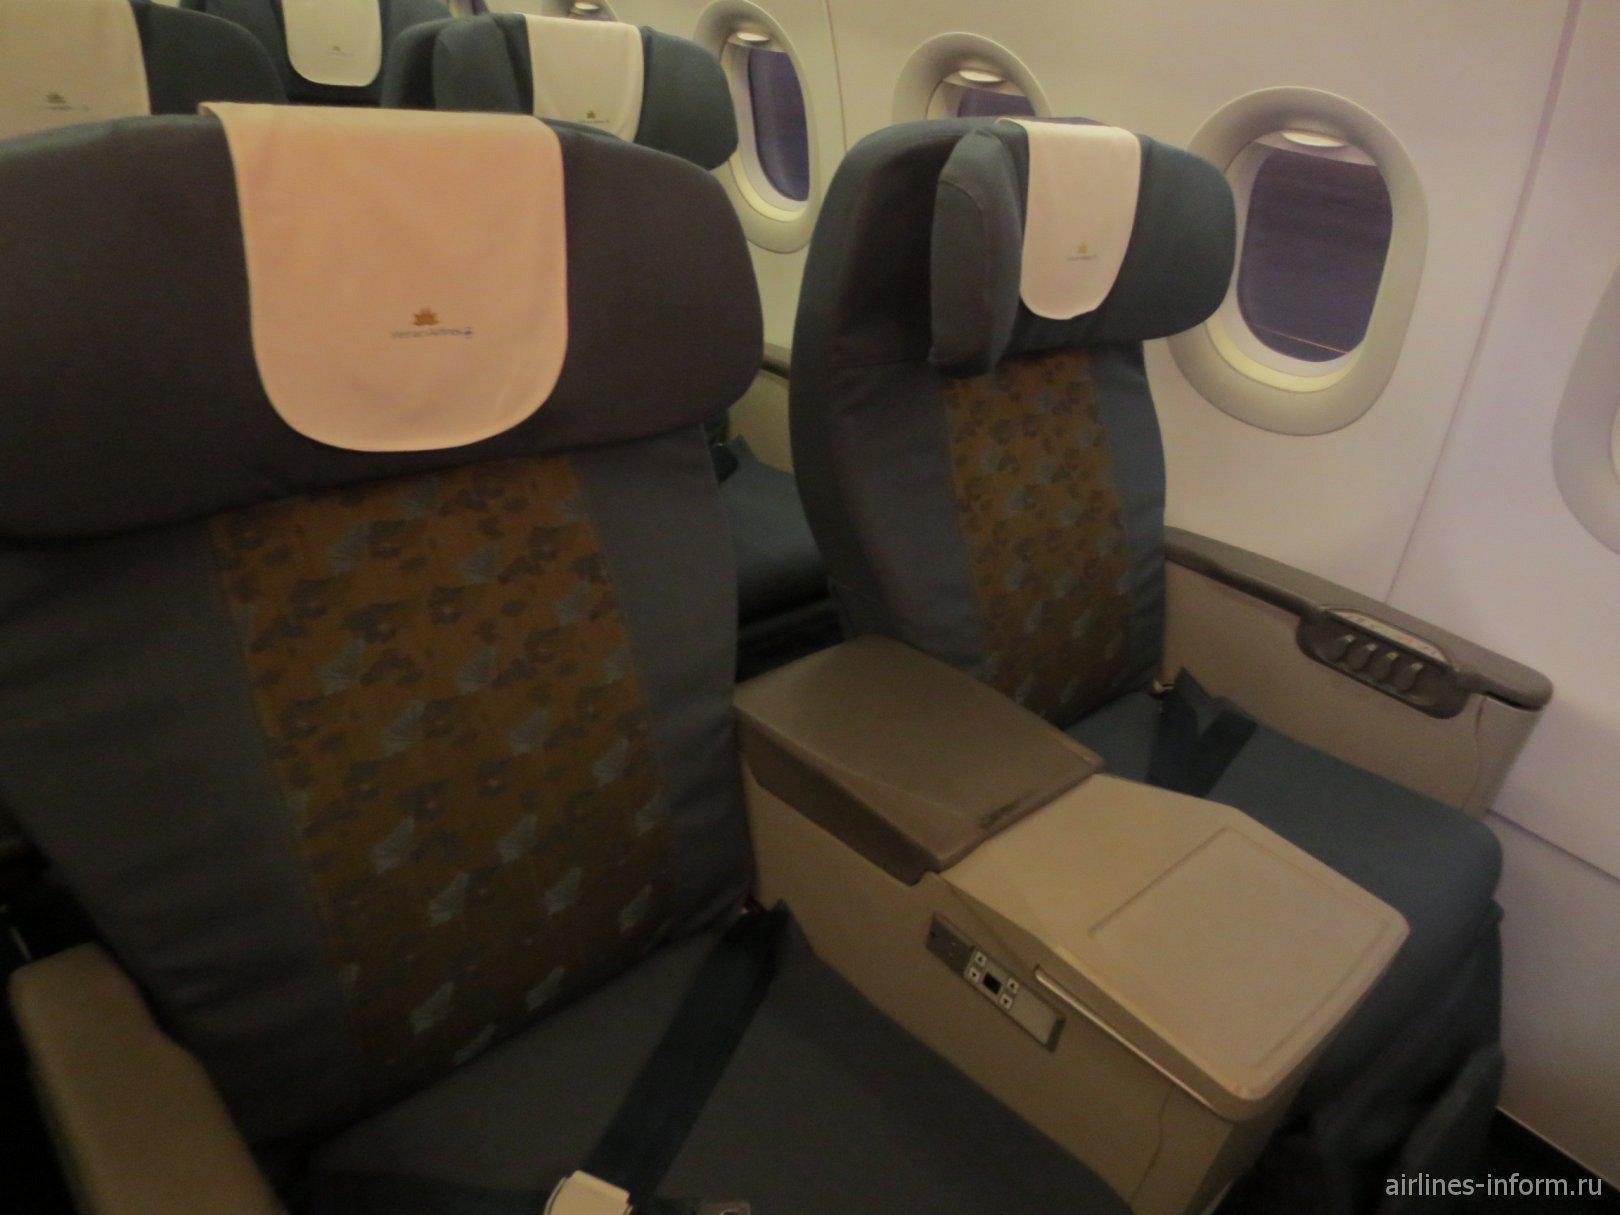 Кресла бизнес-класса в Airbus A321 Вьетнамских авиалиний